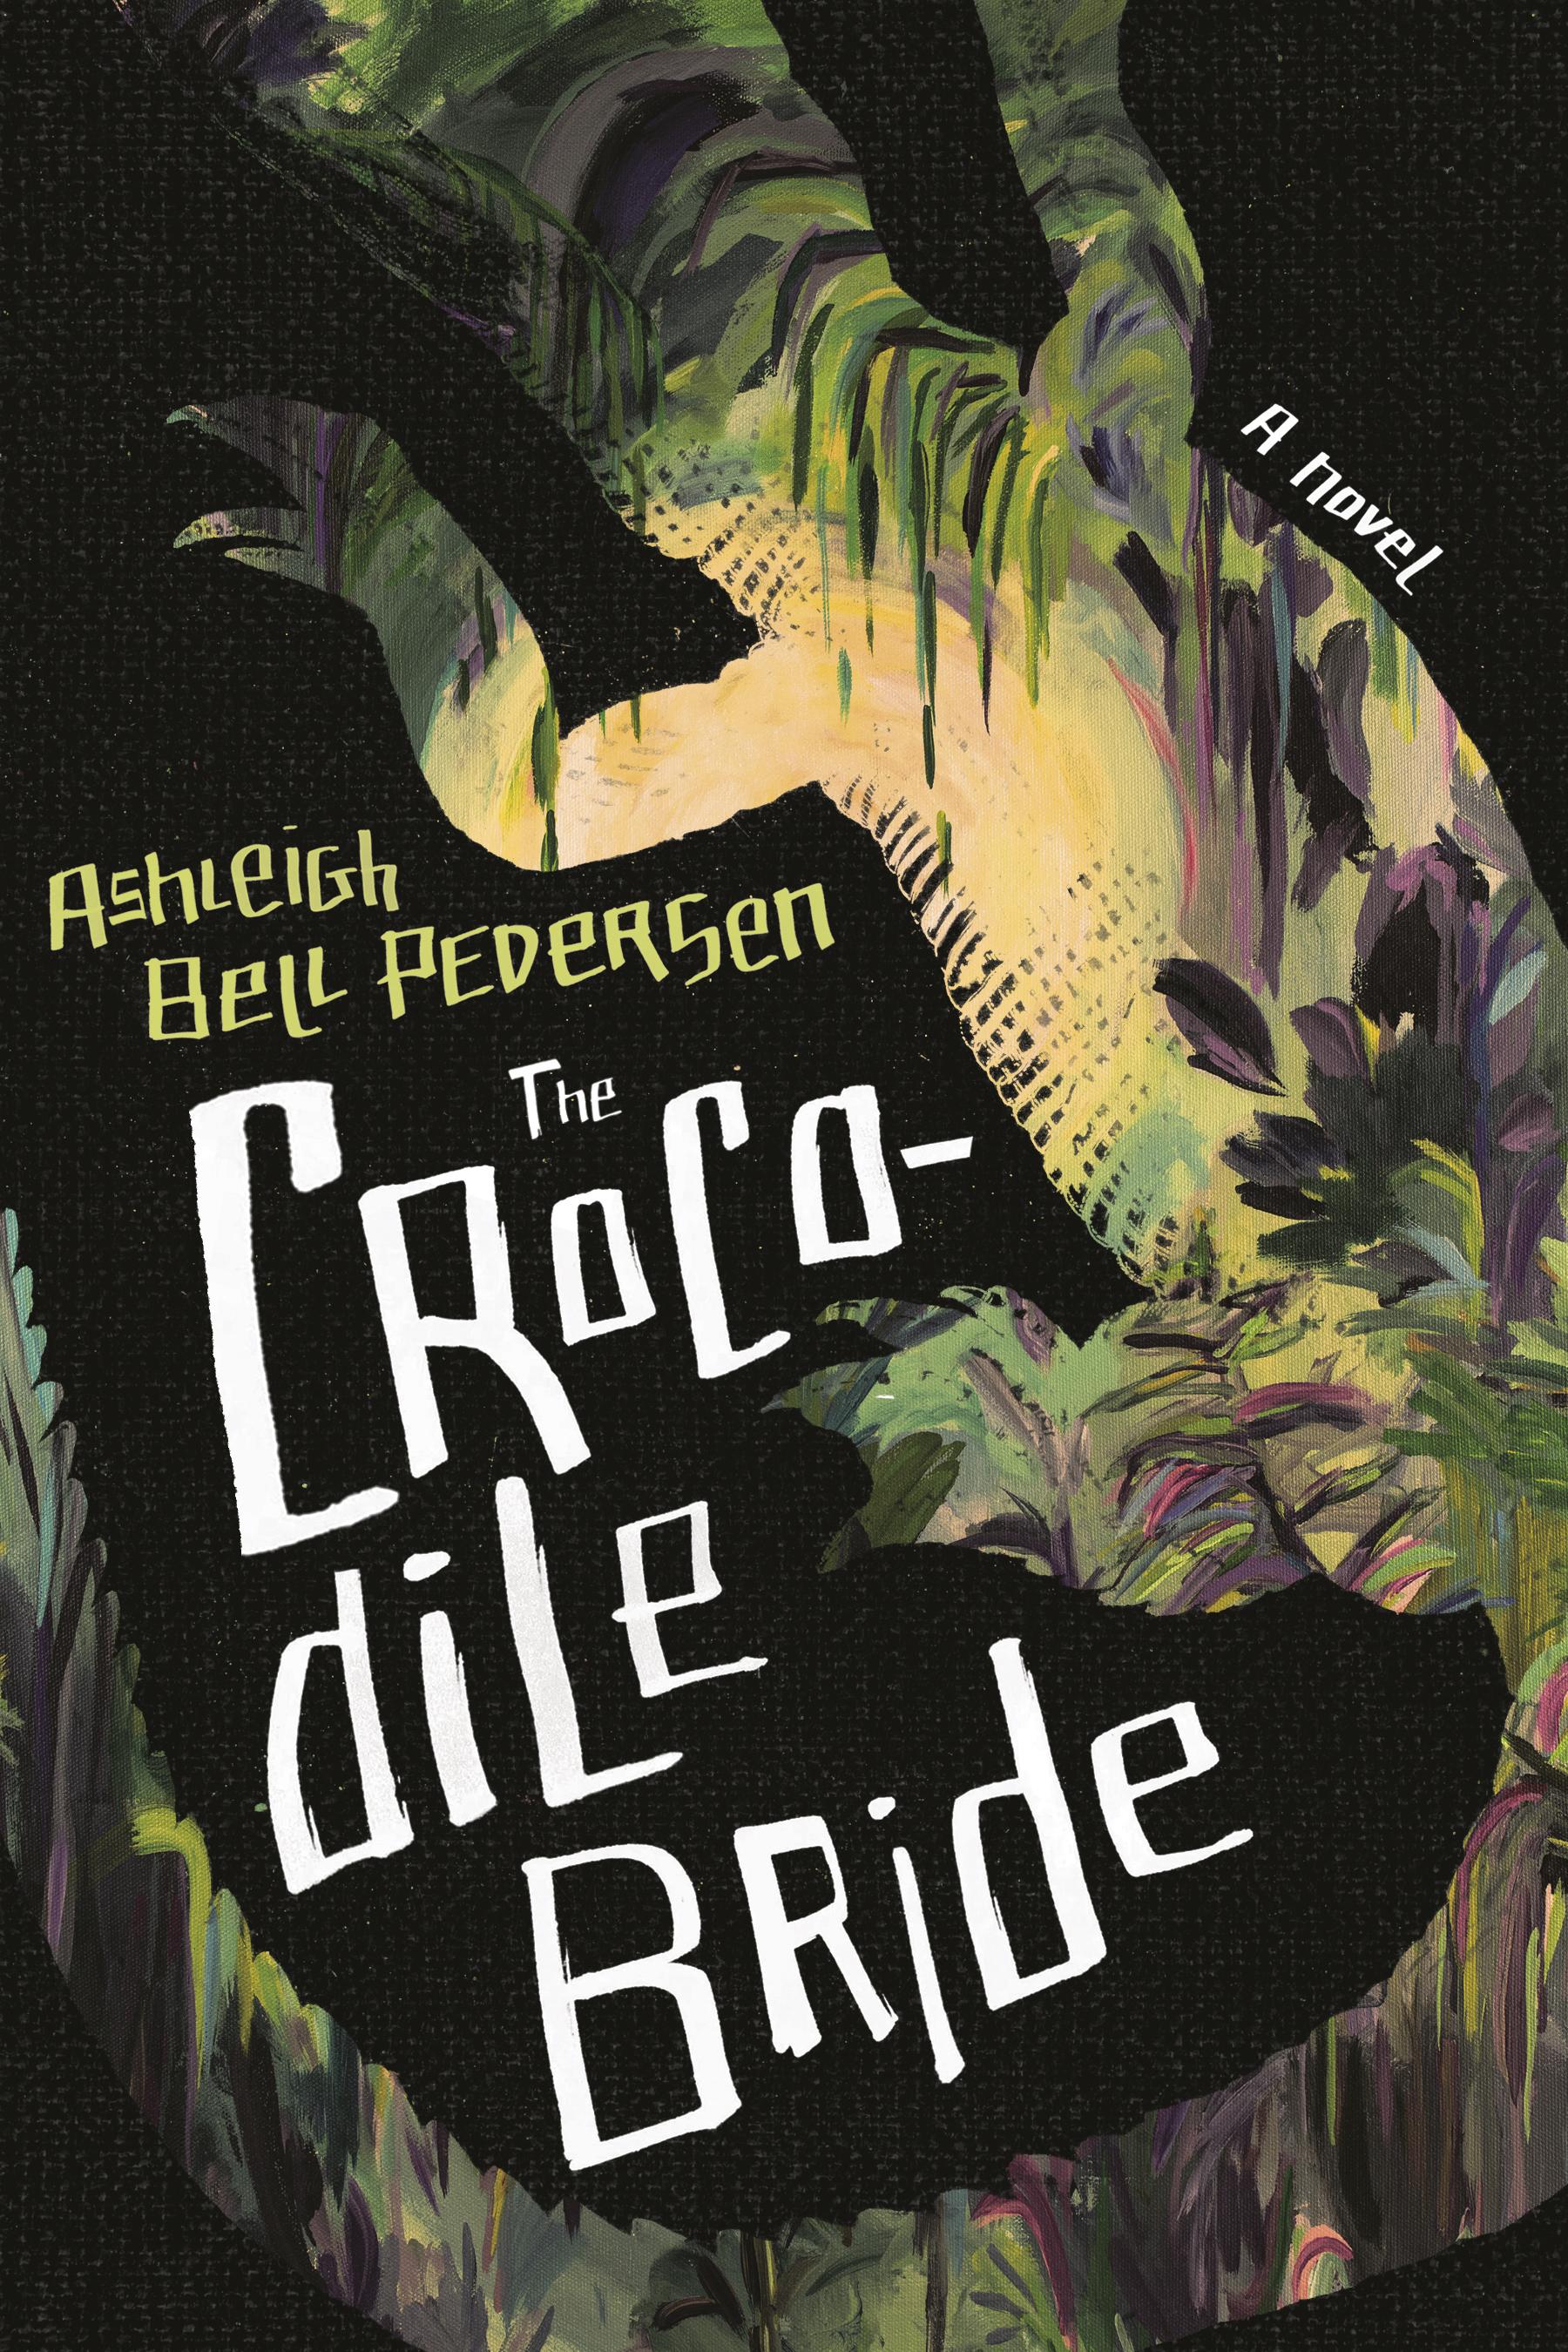 The Crocodile Bride